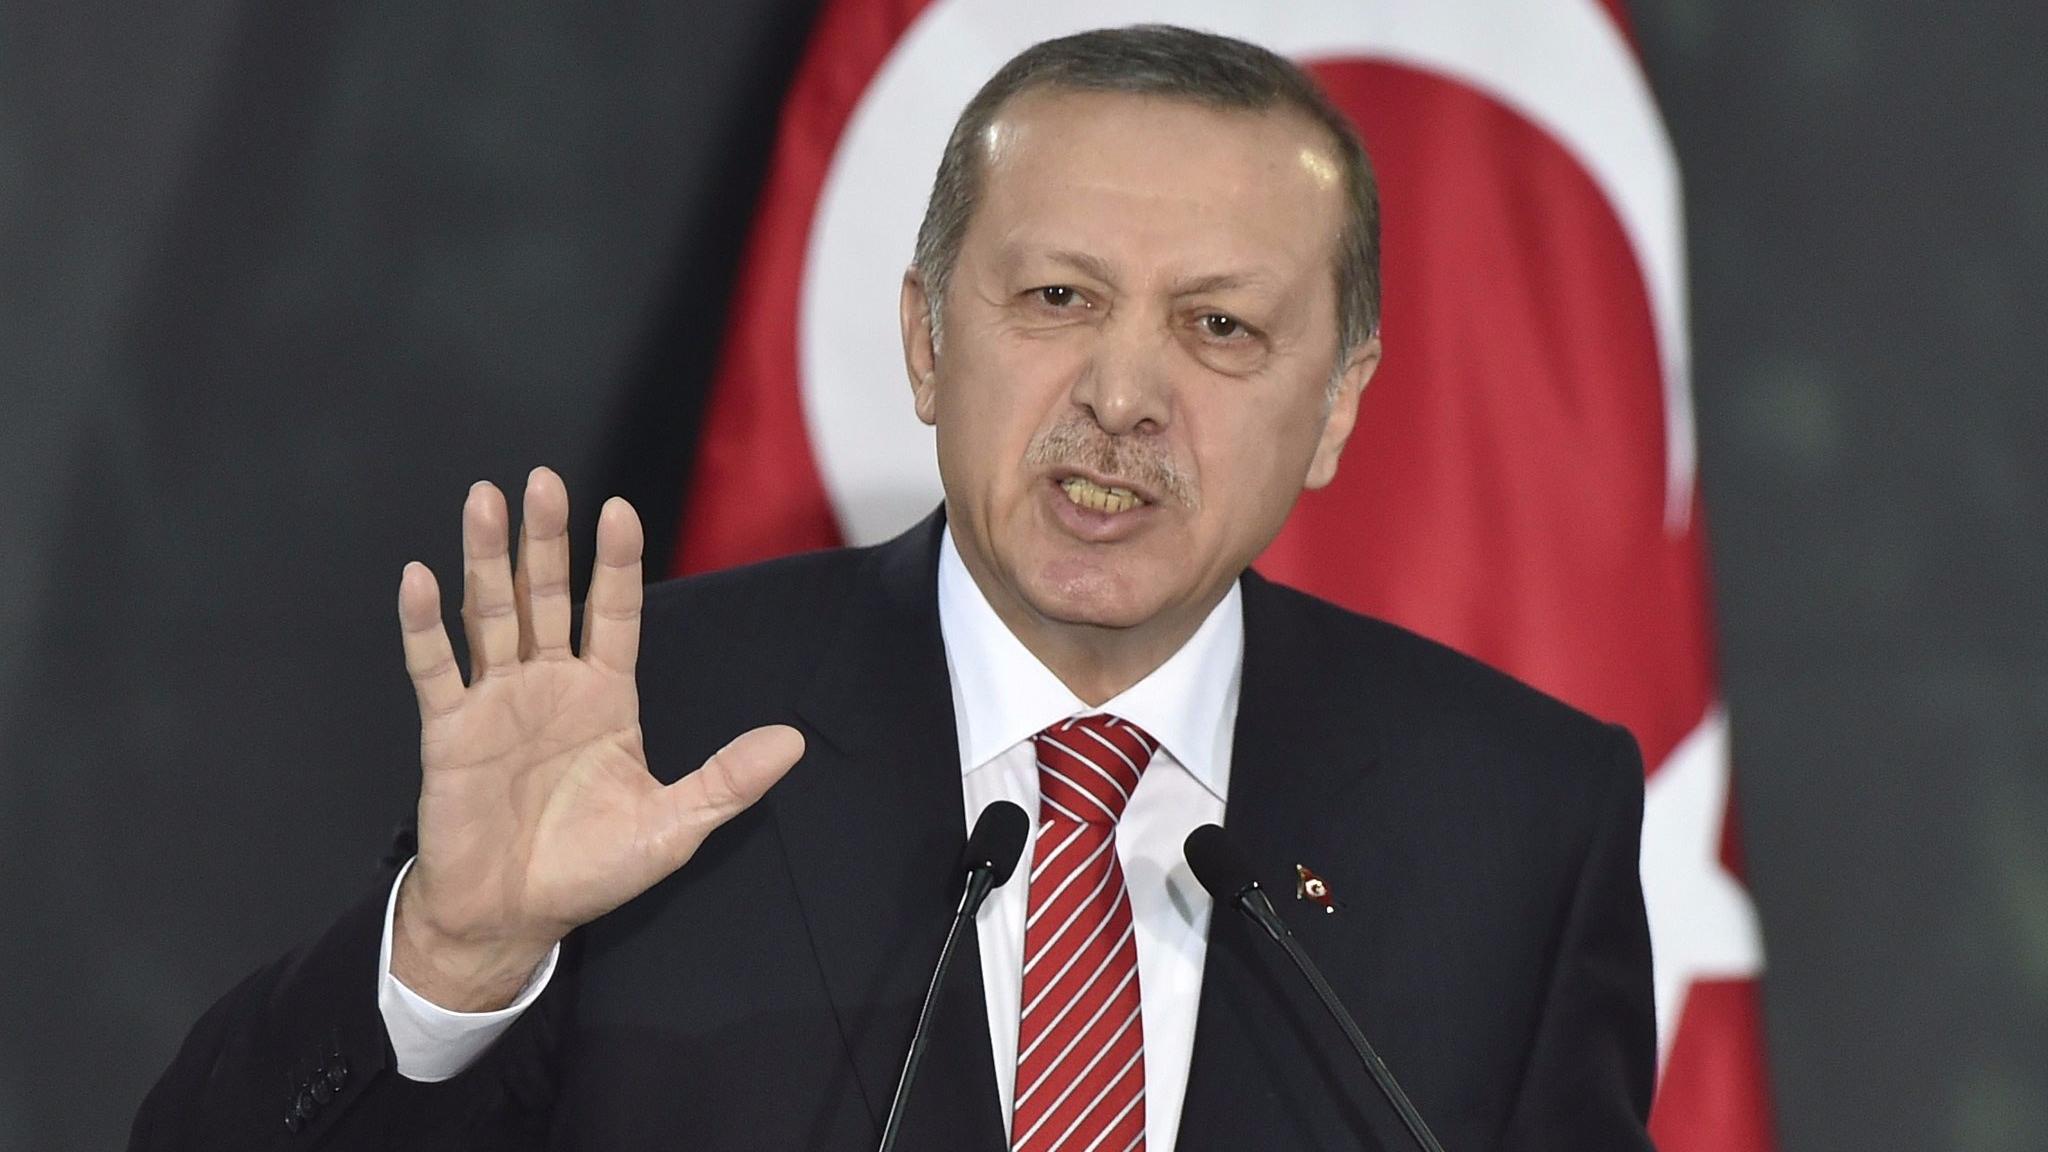 Erdogan calls Gulf states requests to Qatar 'disrespectful'